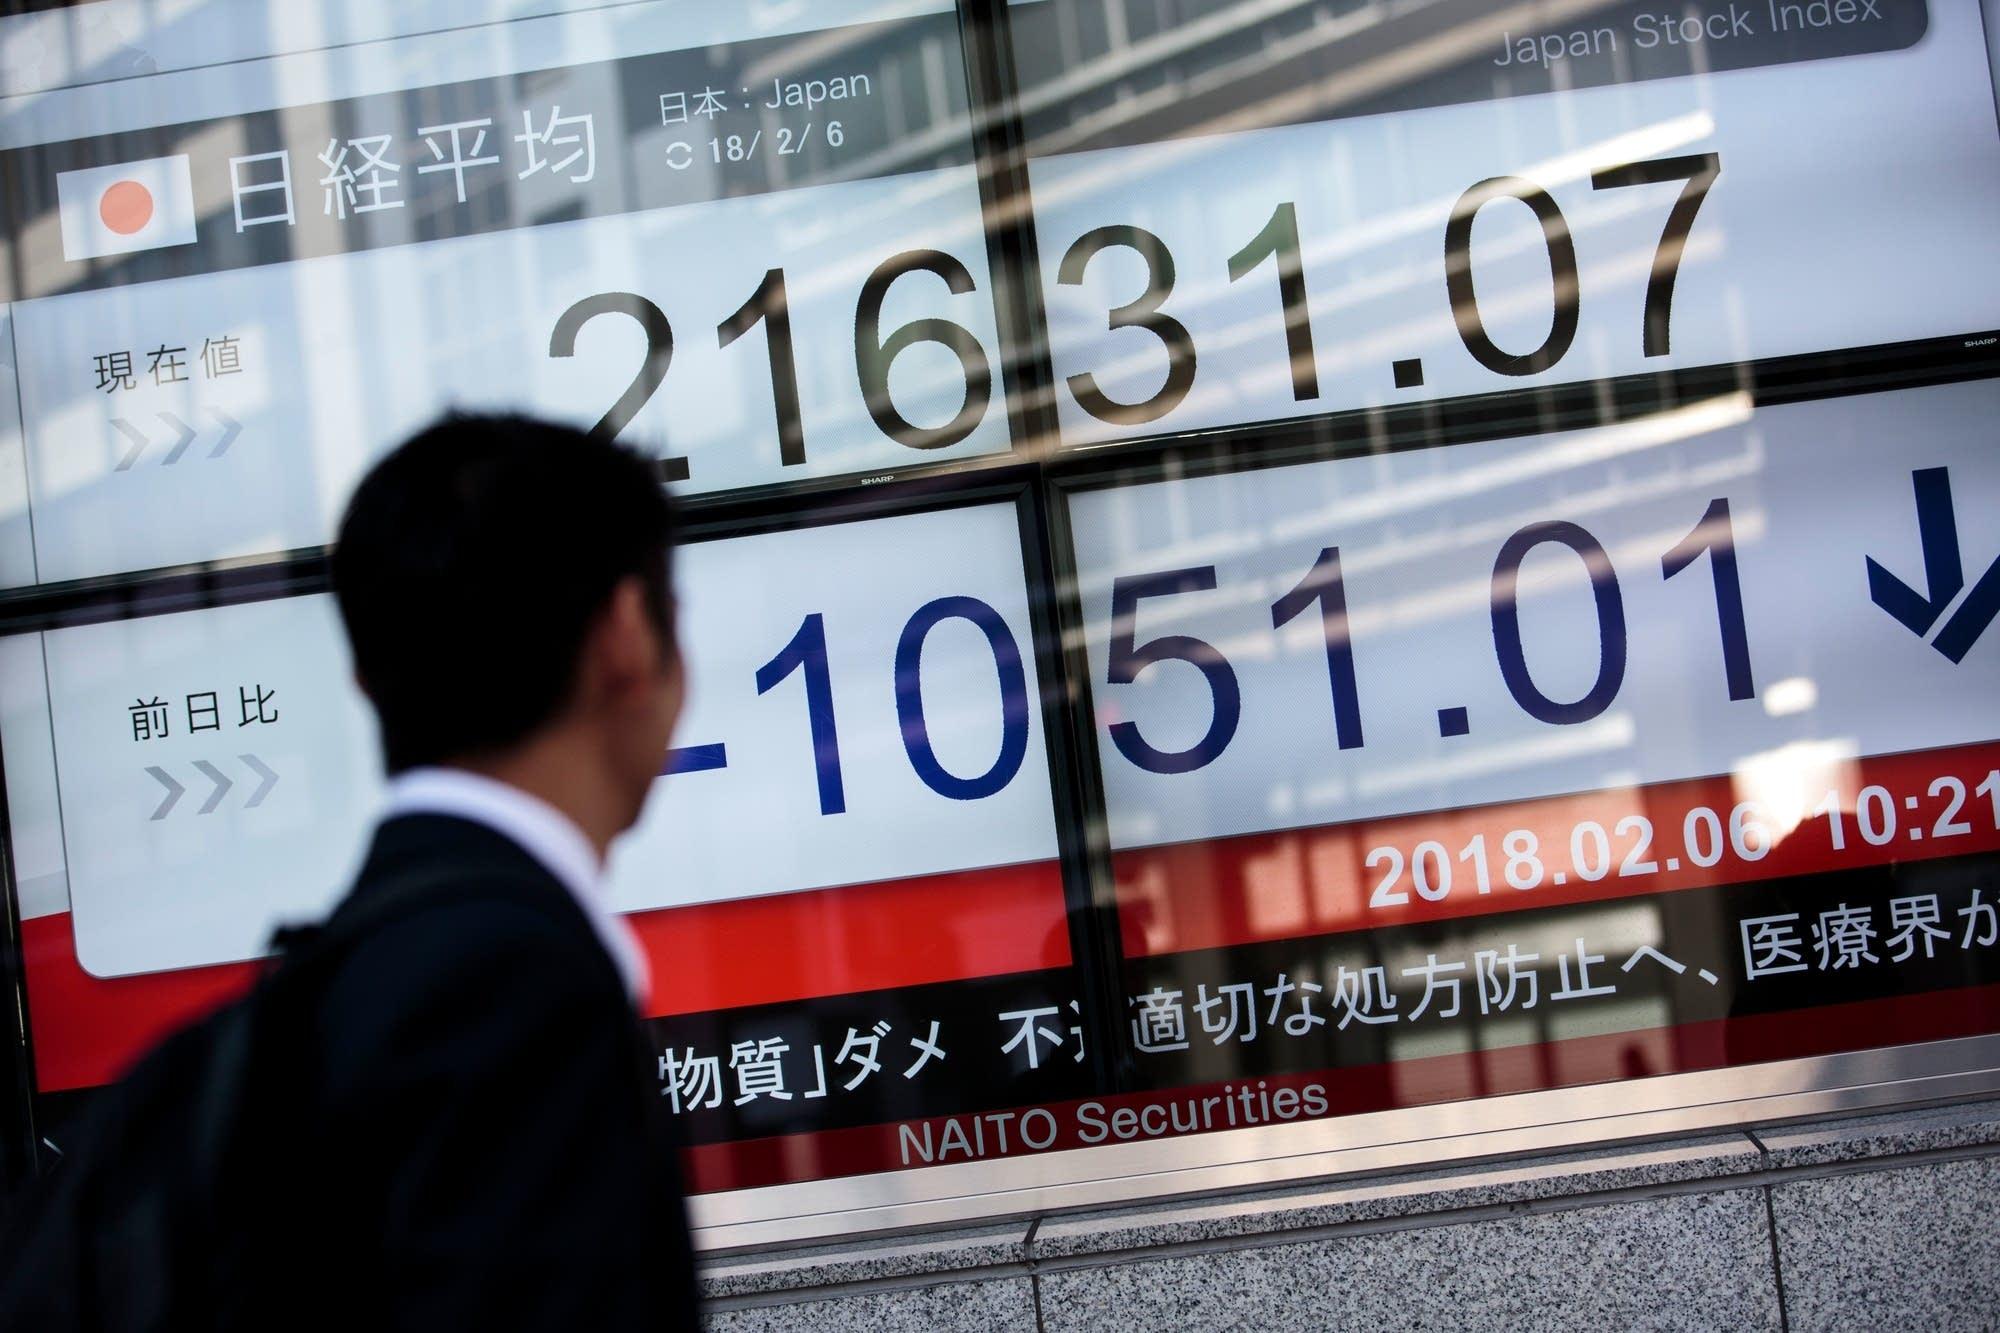 Dow Jones industrials drop 500 as stock market losses deepen